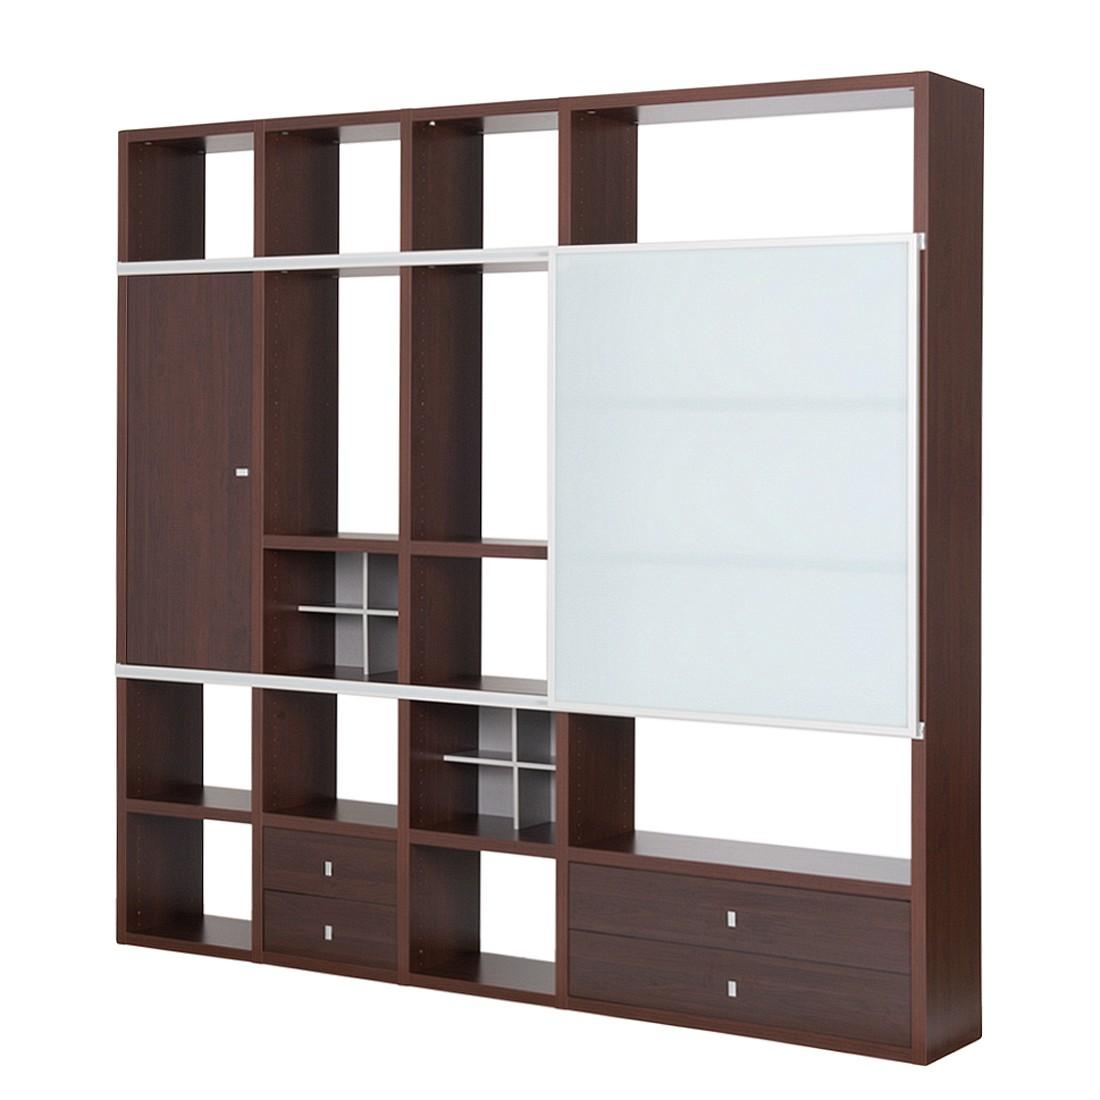 wohnwand mit schiebet r preisvergleiche. Black Bedroom Furniture Sets. Home Design Ideas